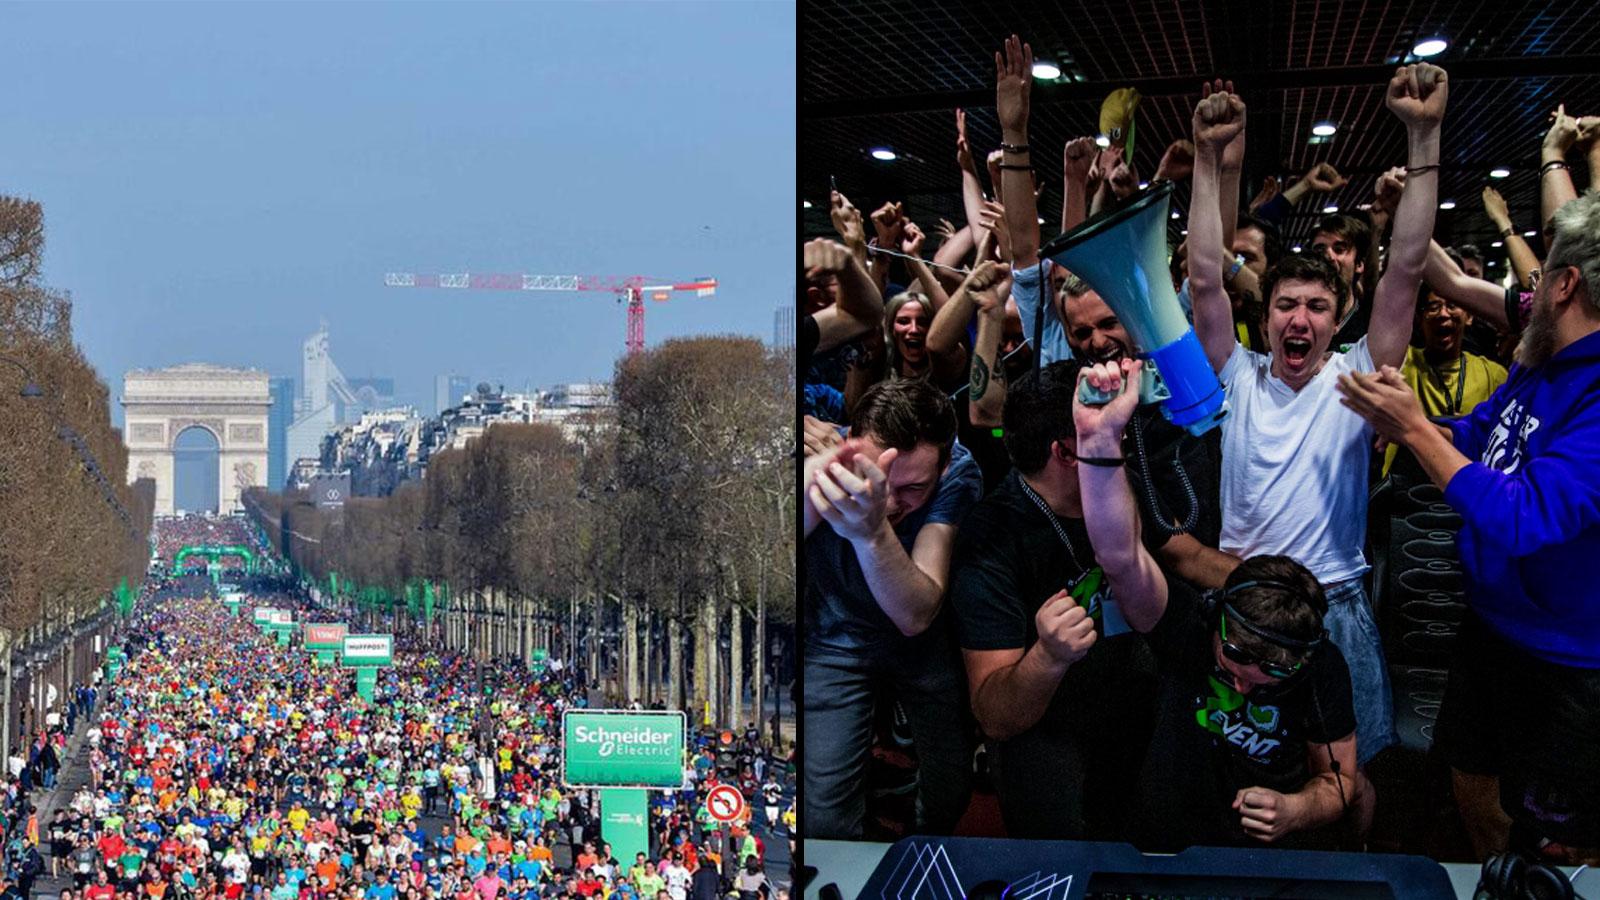 Les préparatifs pour le Marathon de Paris ont démarré depuis plusieurs semaines